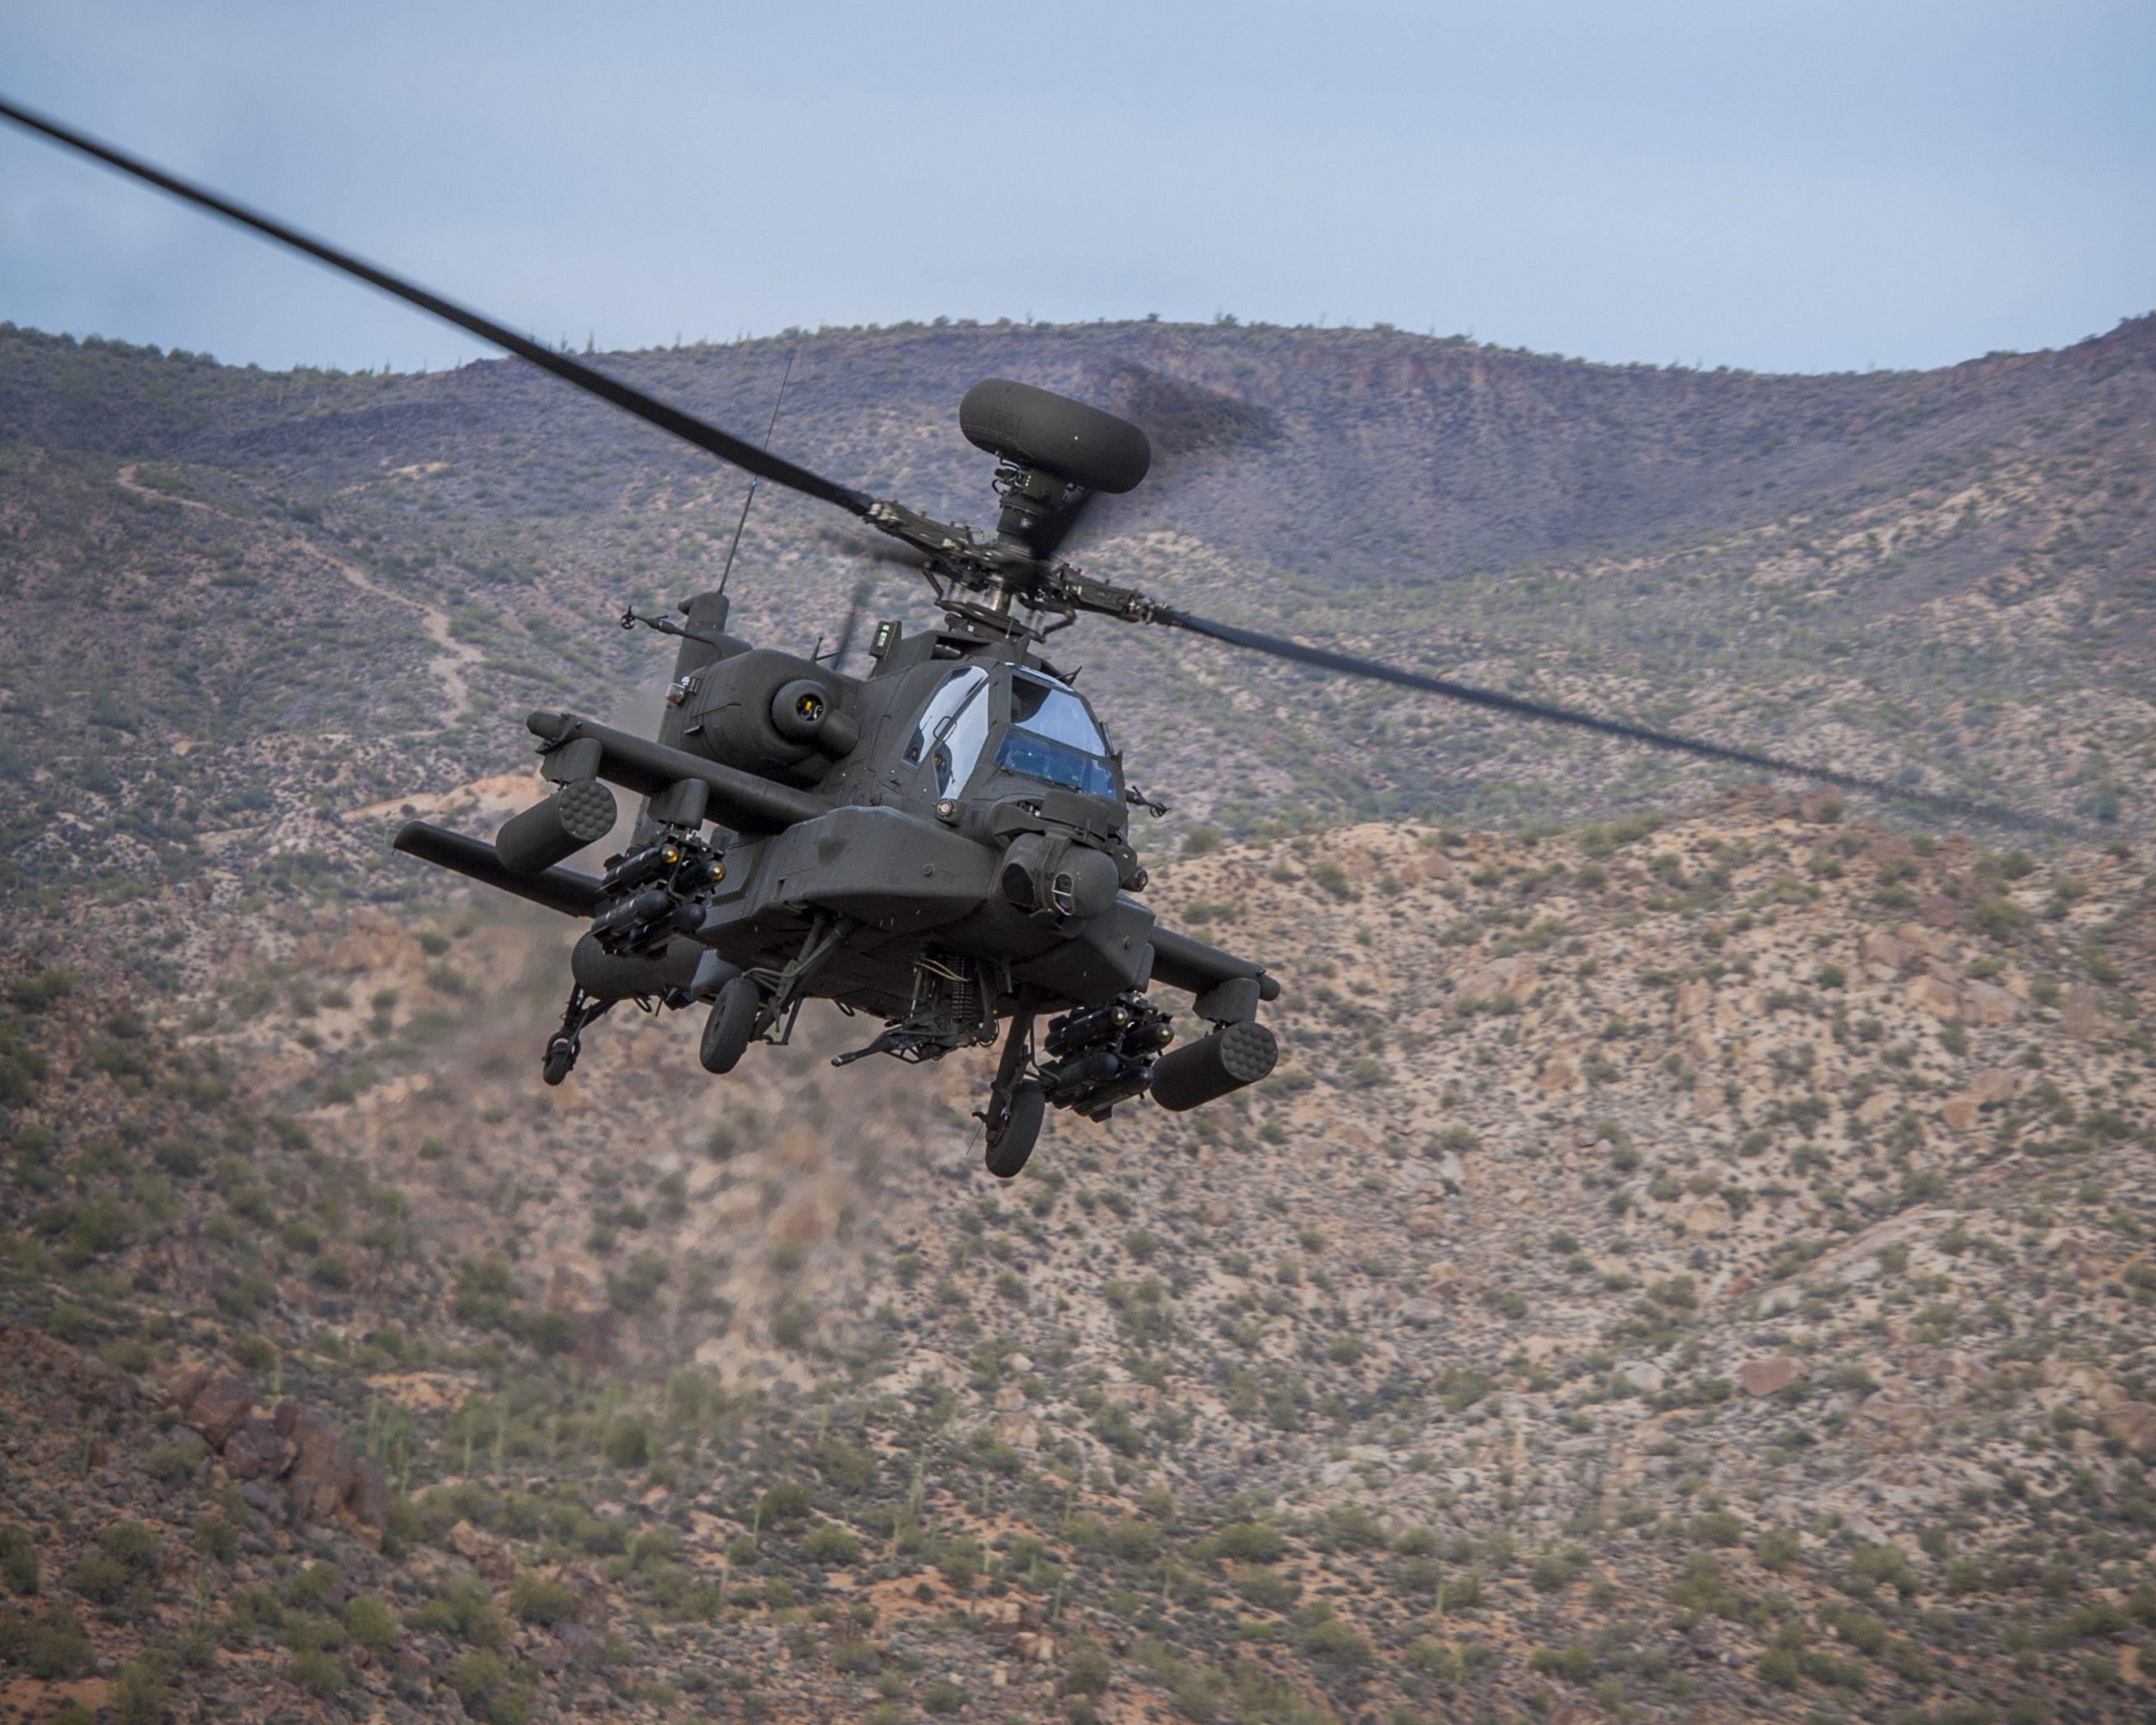 Boeing's AH-64E Apache